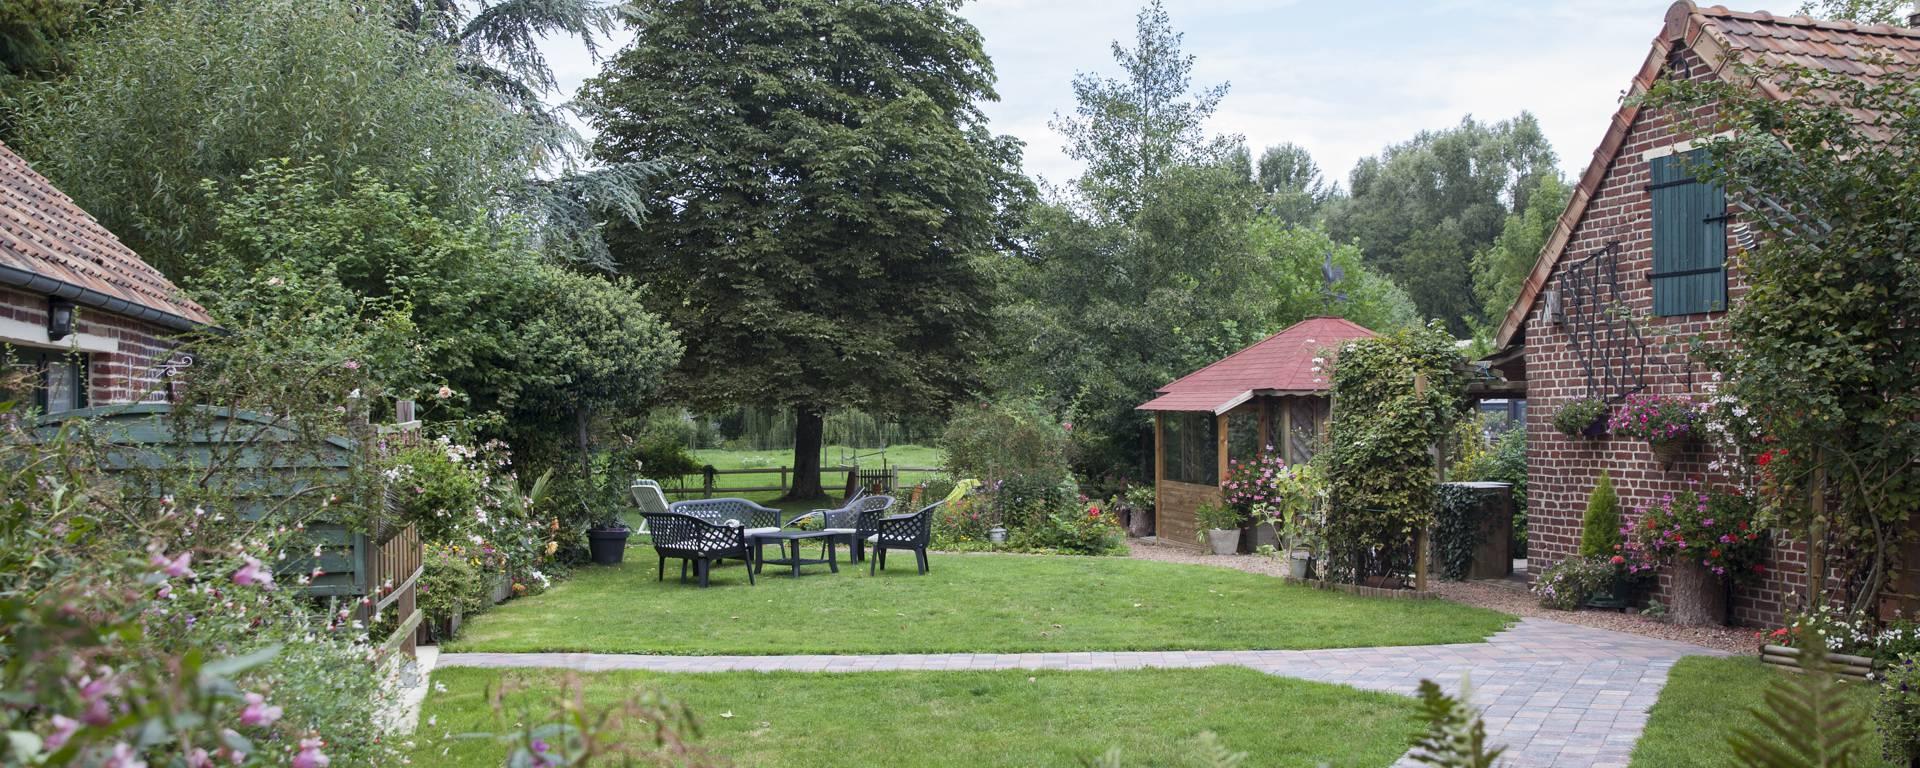 Gîtes, chambres et table d'hôtes Le Paddock du Val de Lys à Blessy